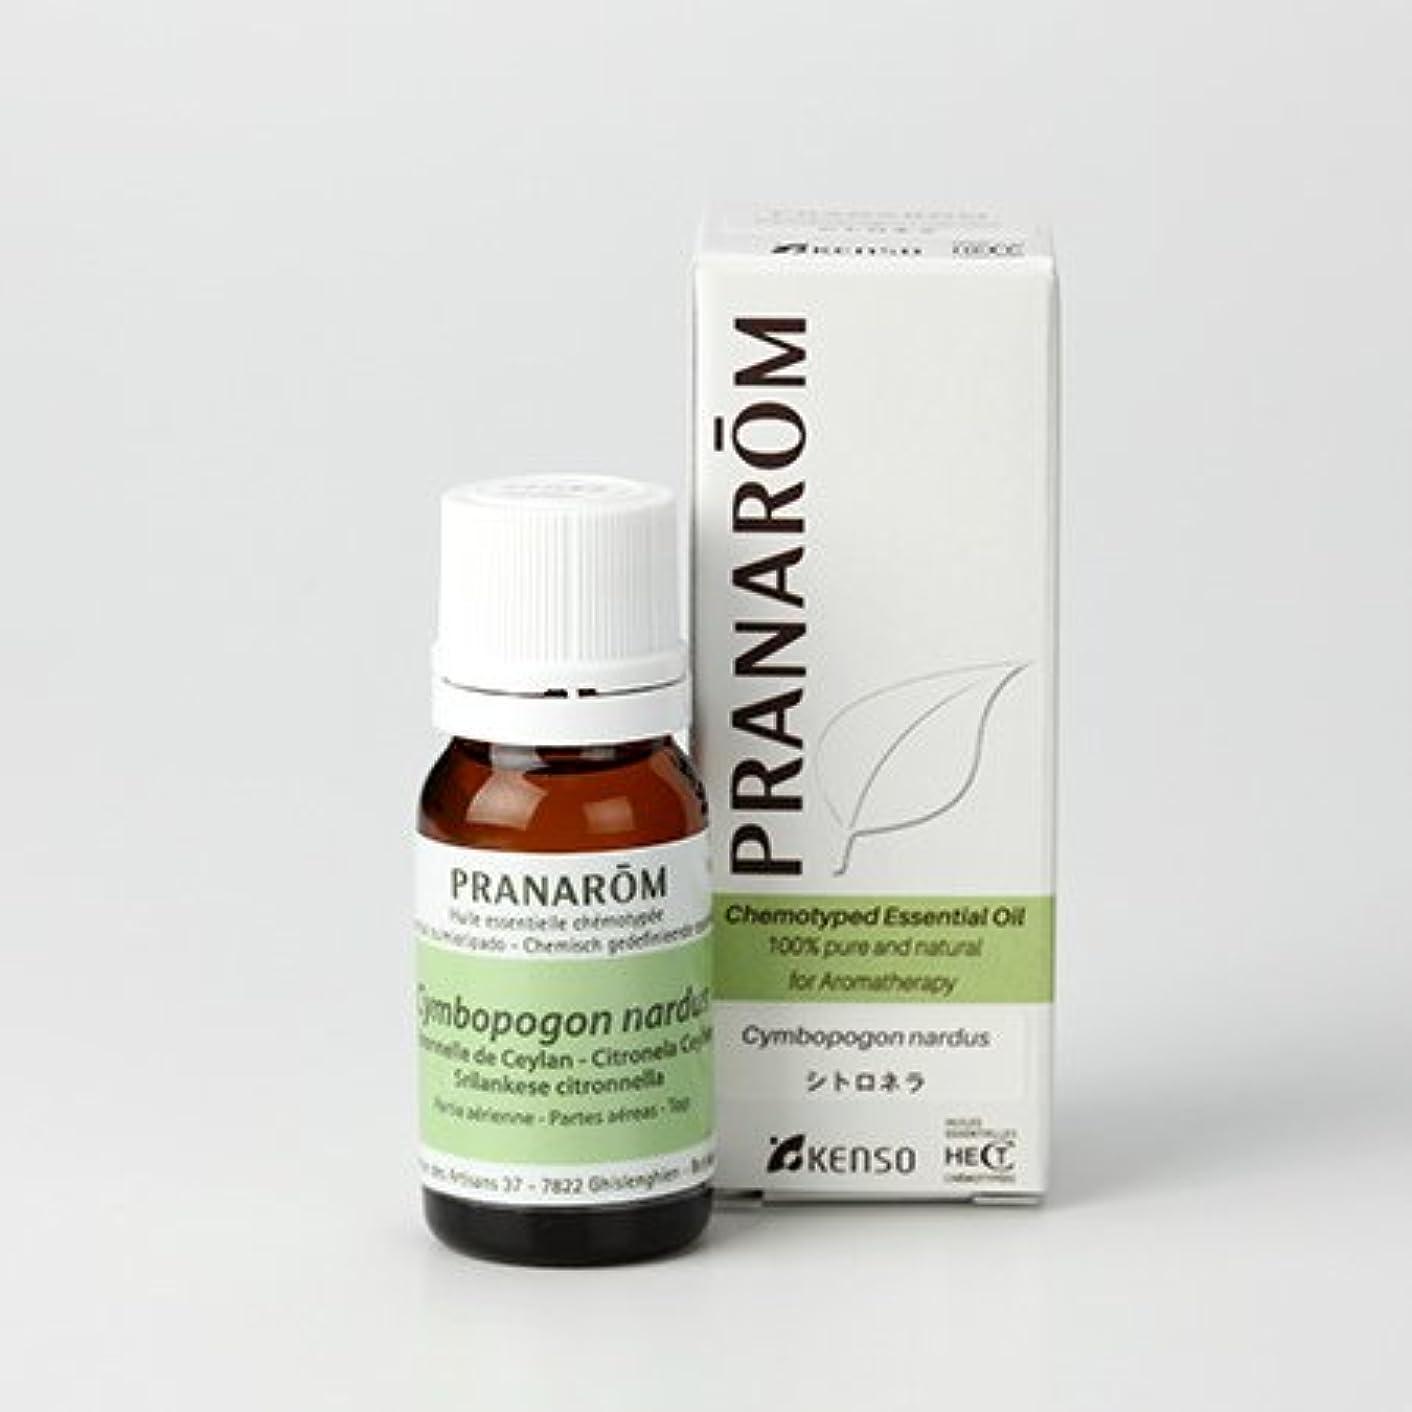 インチ流ケイ素プラナロム シトロネラ 10ml (PRANAROM ケモタイプ精油)